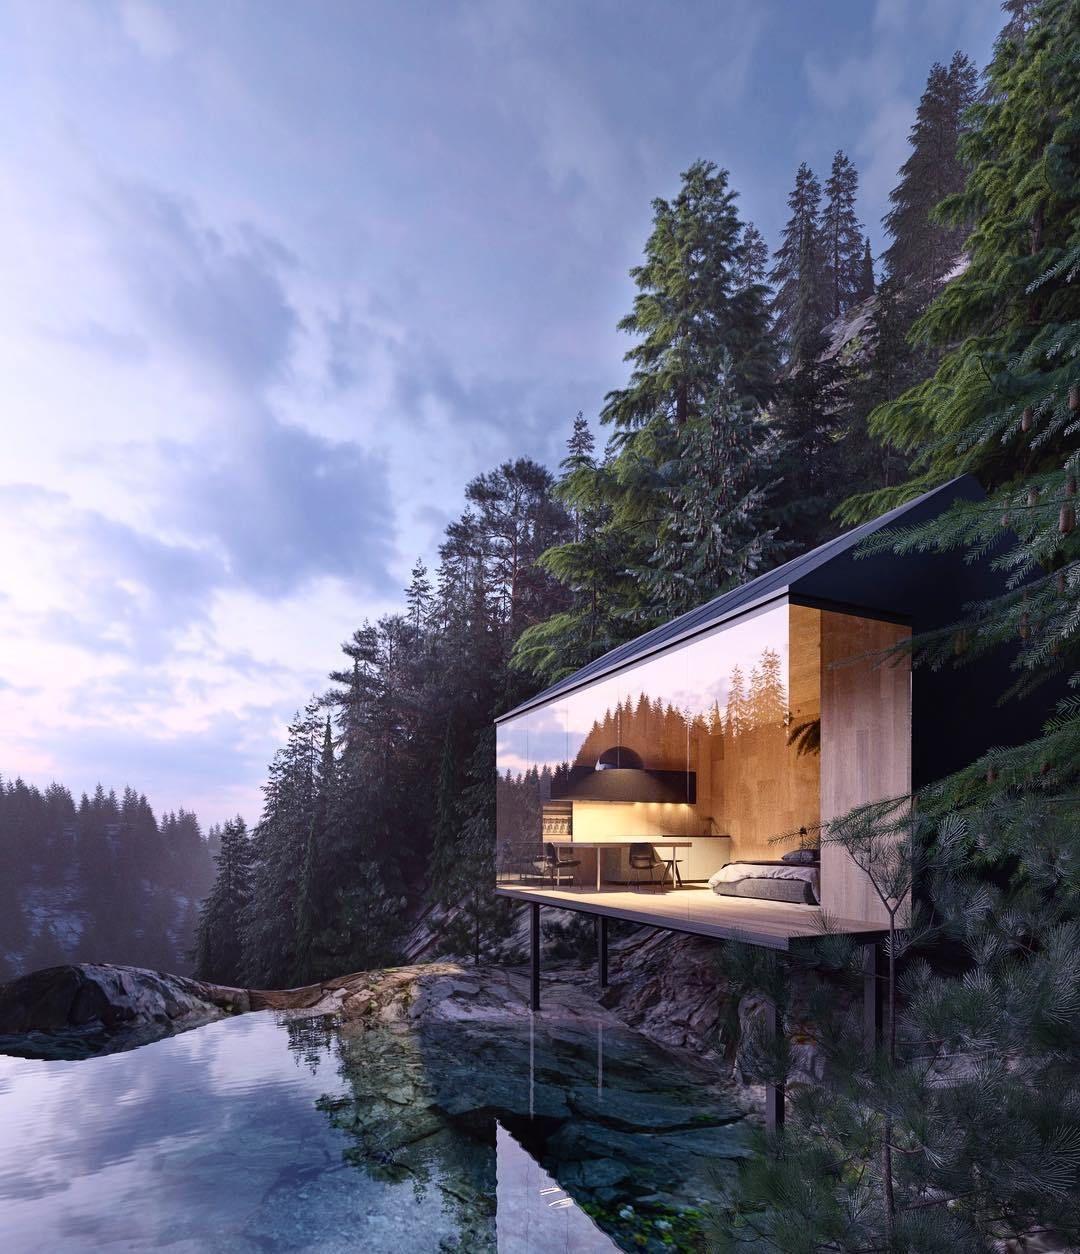 alex-nerovnya-architecture-1 #architecture